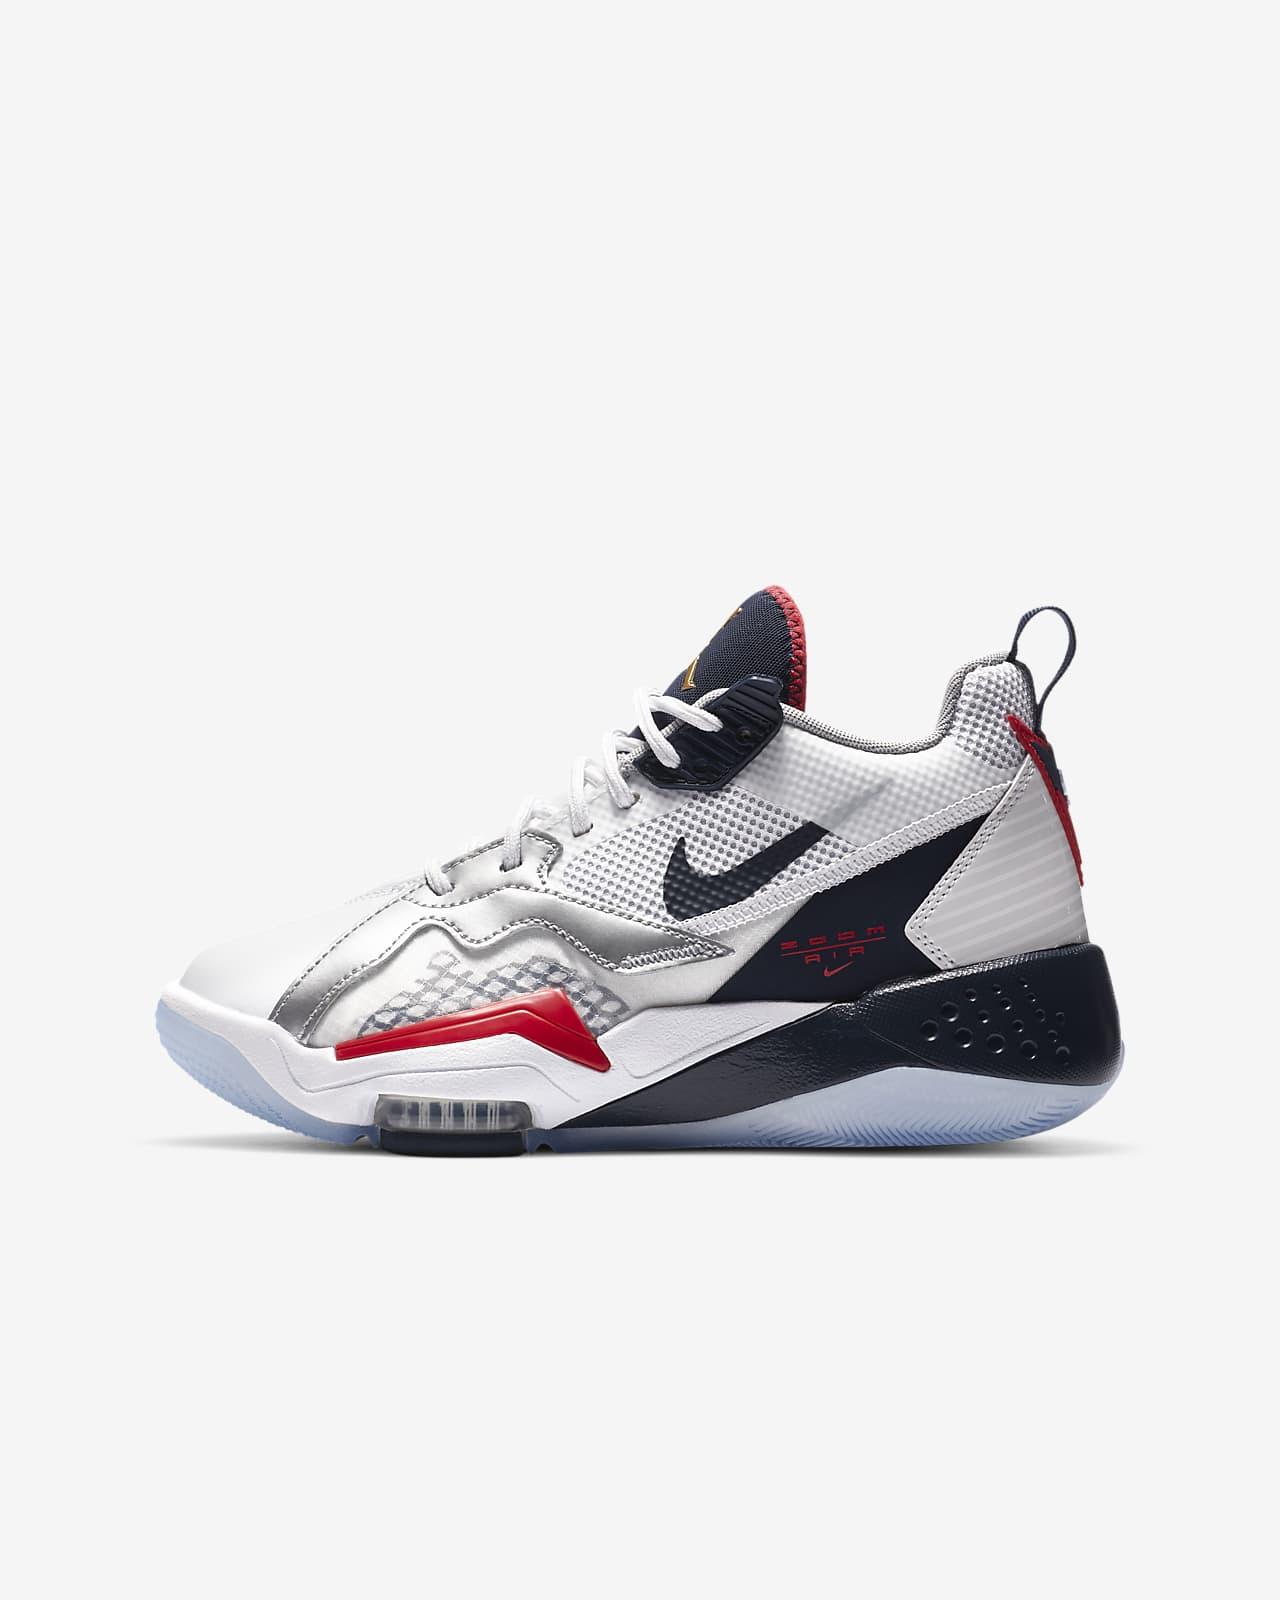 chaussures jordan nike